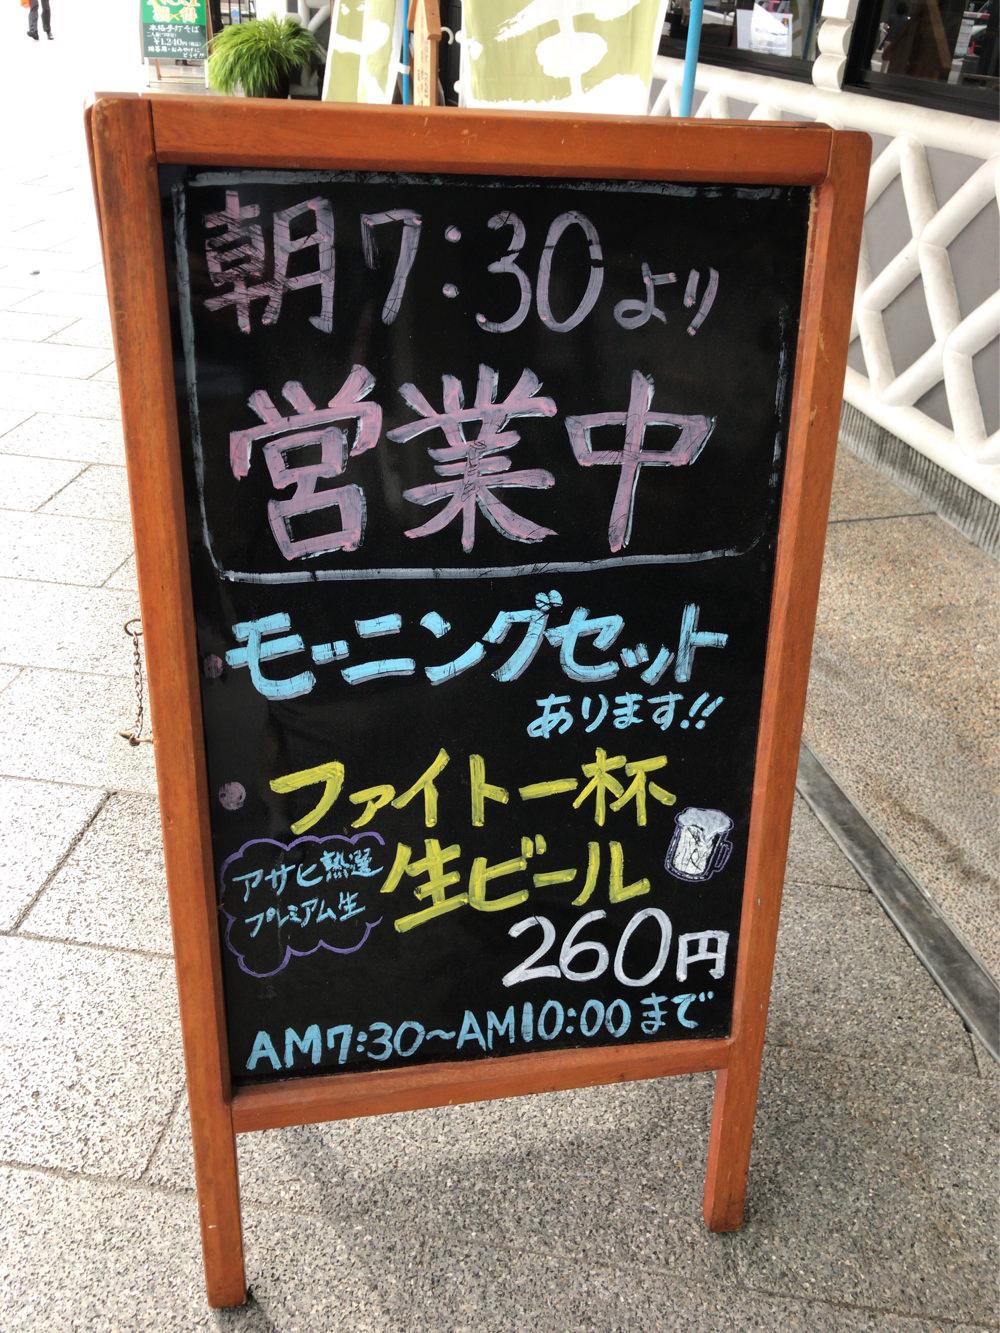 松本駅前の蕎麦屋榑木野の看板